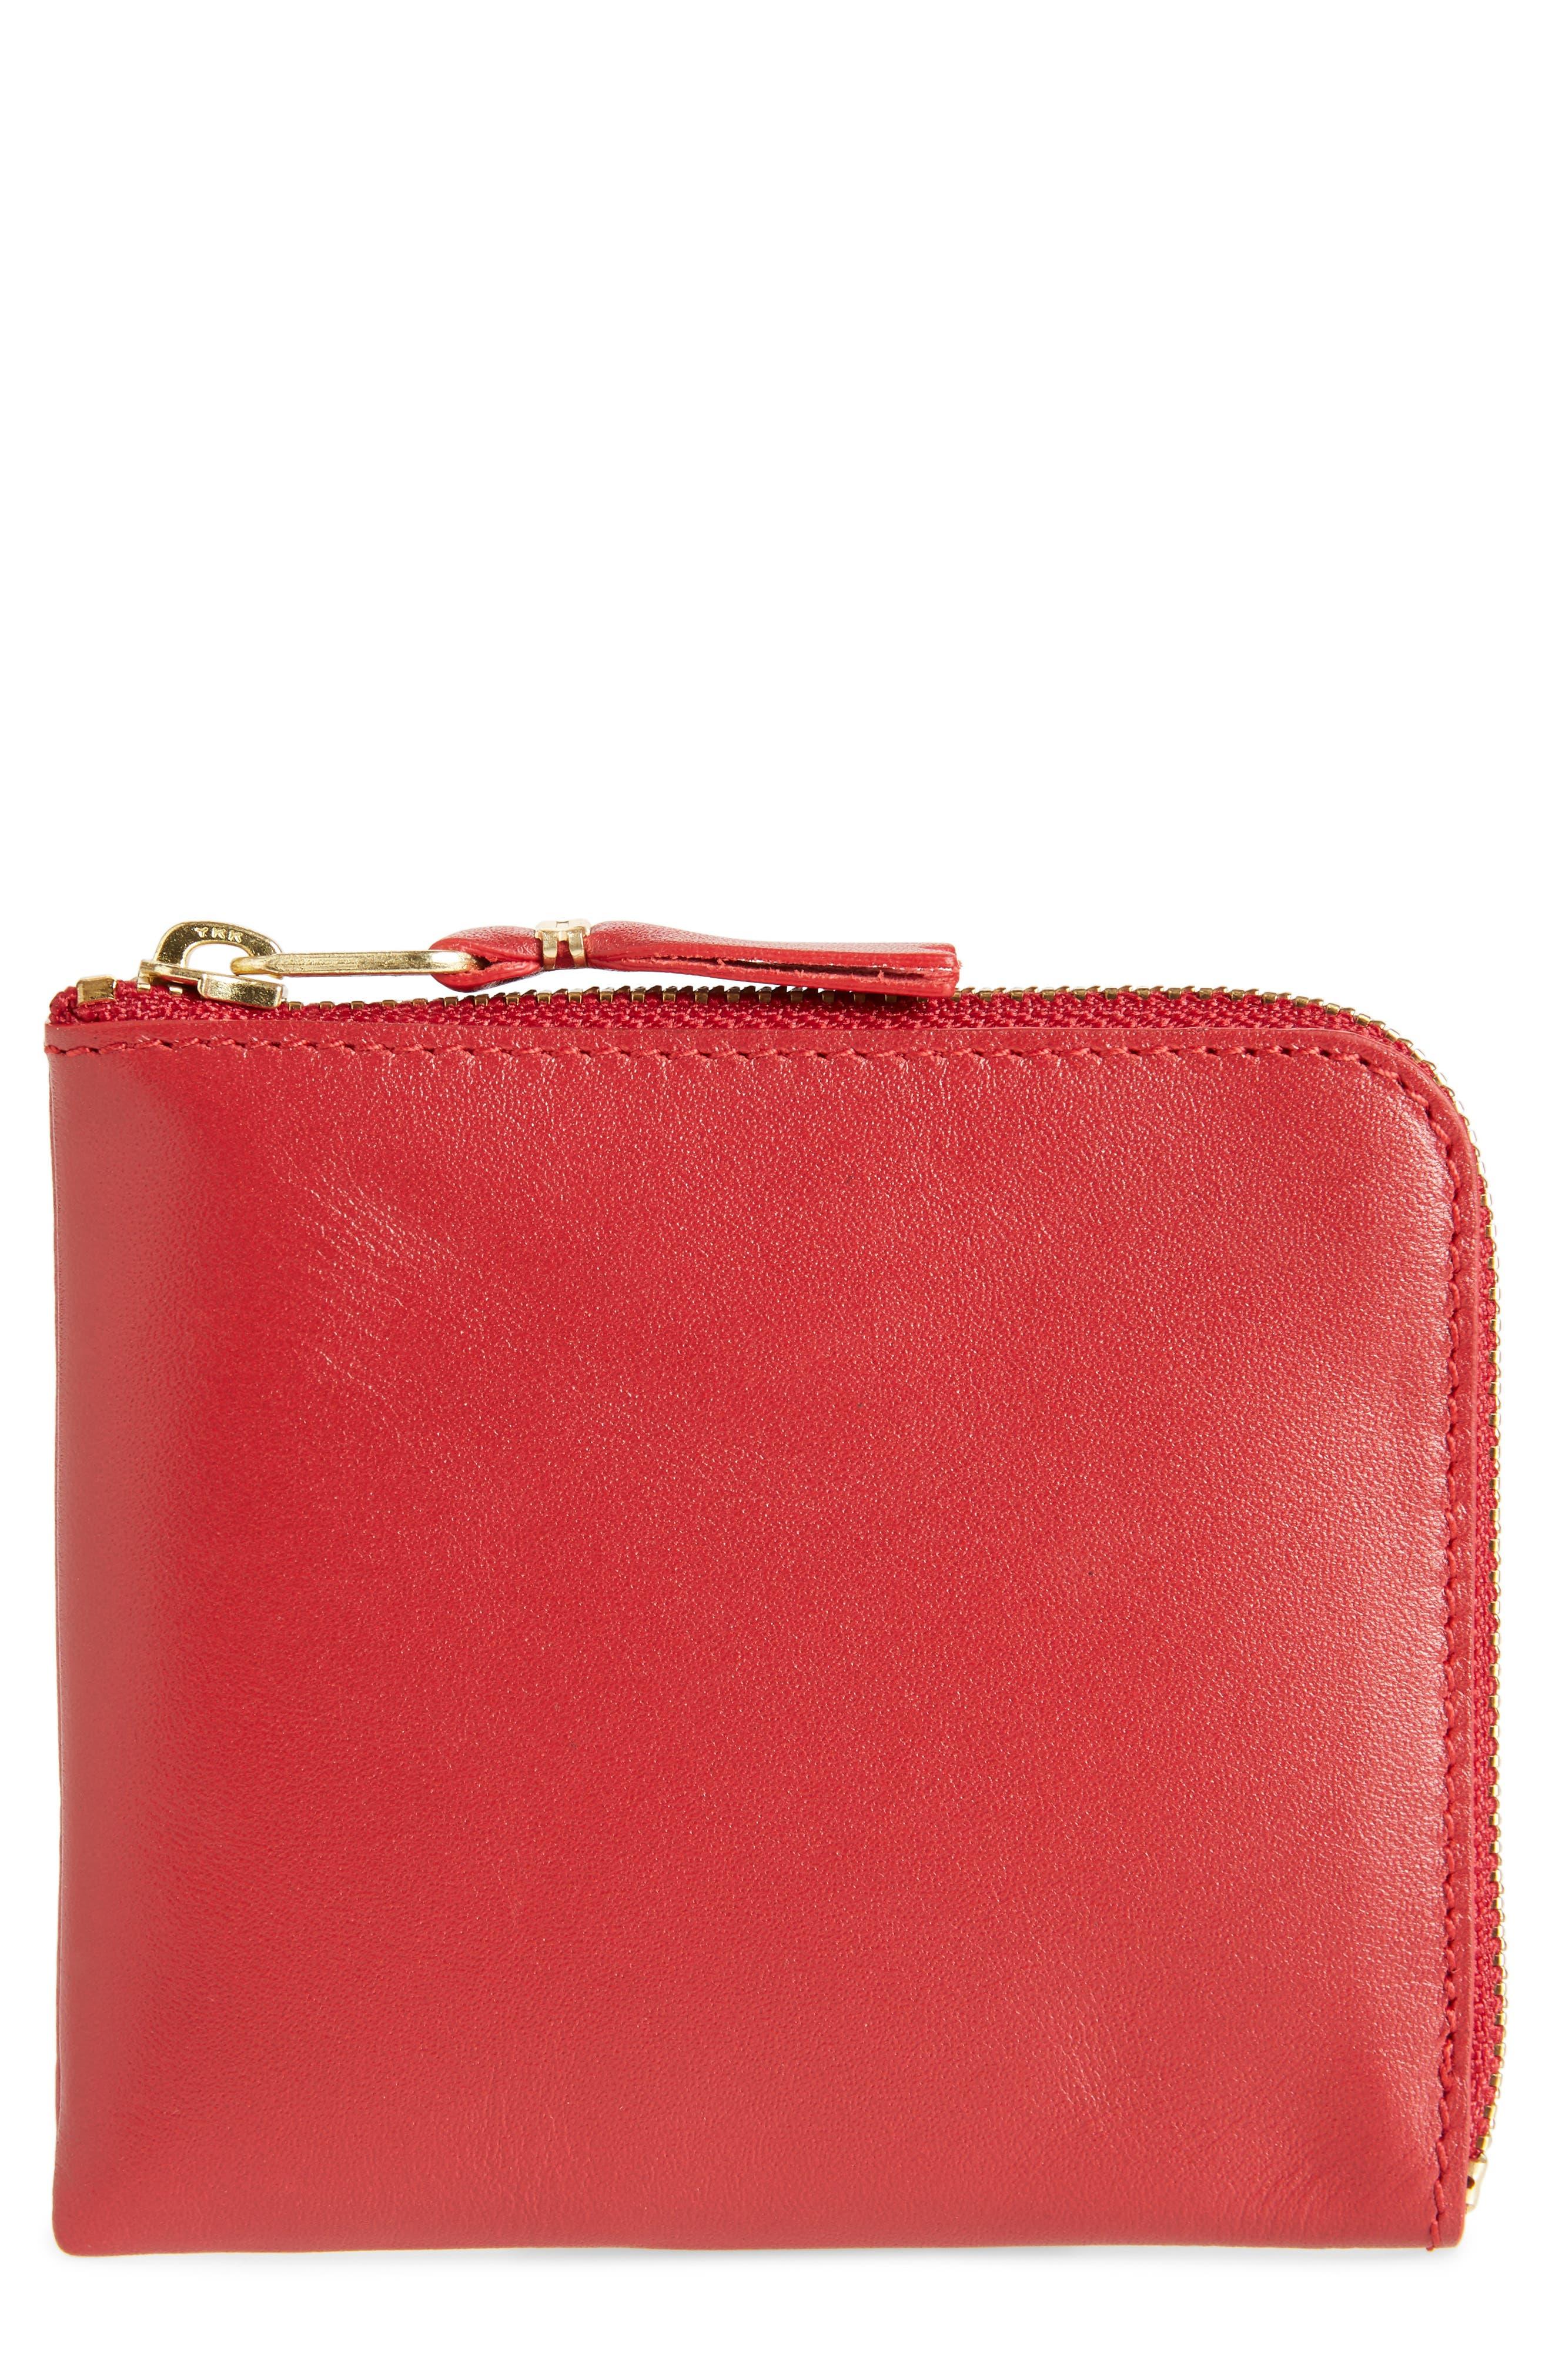 COMME DES GARÇONS Classic Leather Line Wallet, Main, color, 600